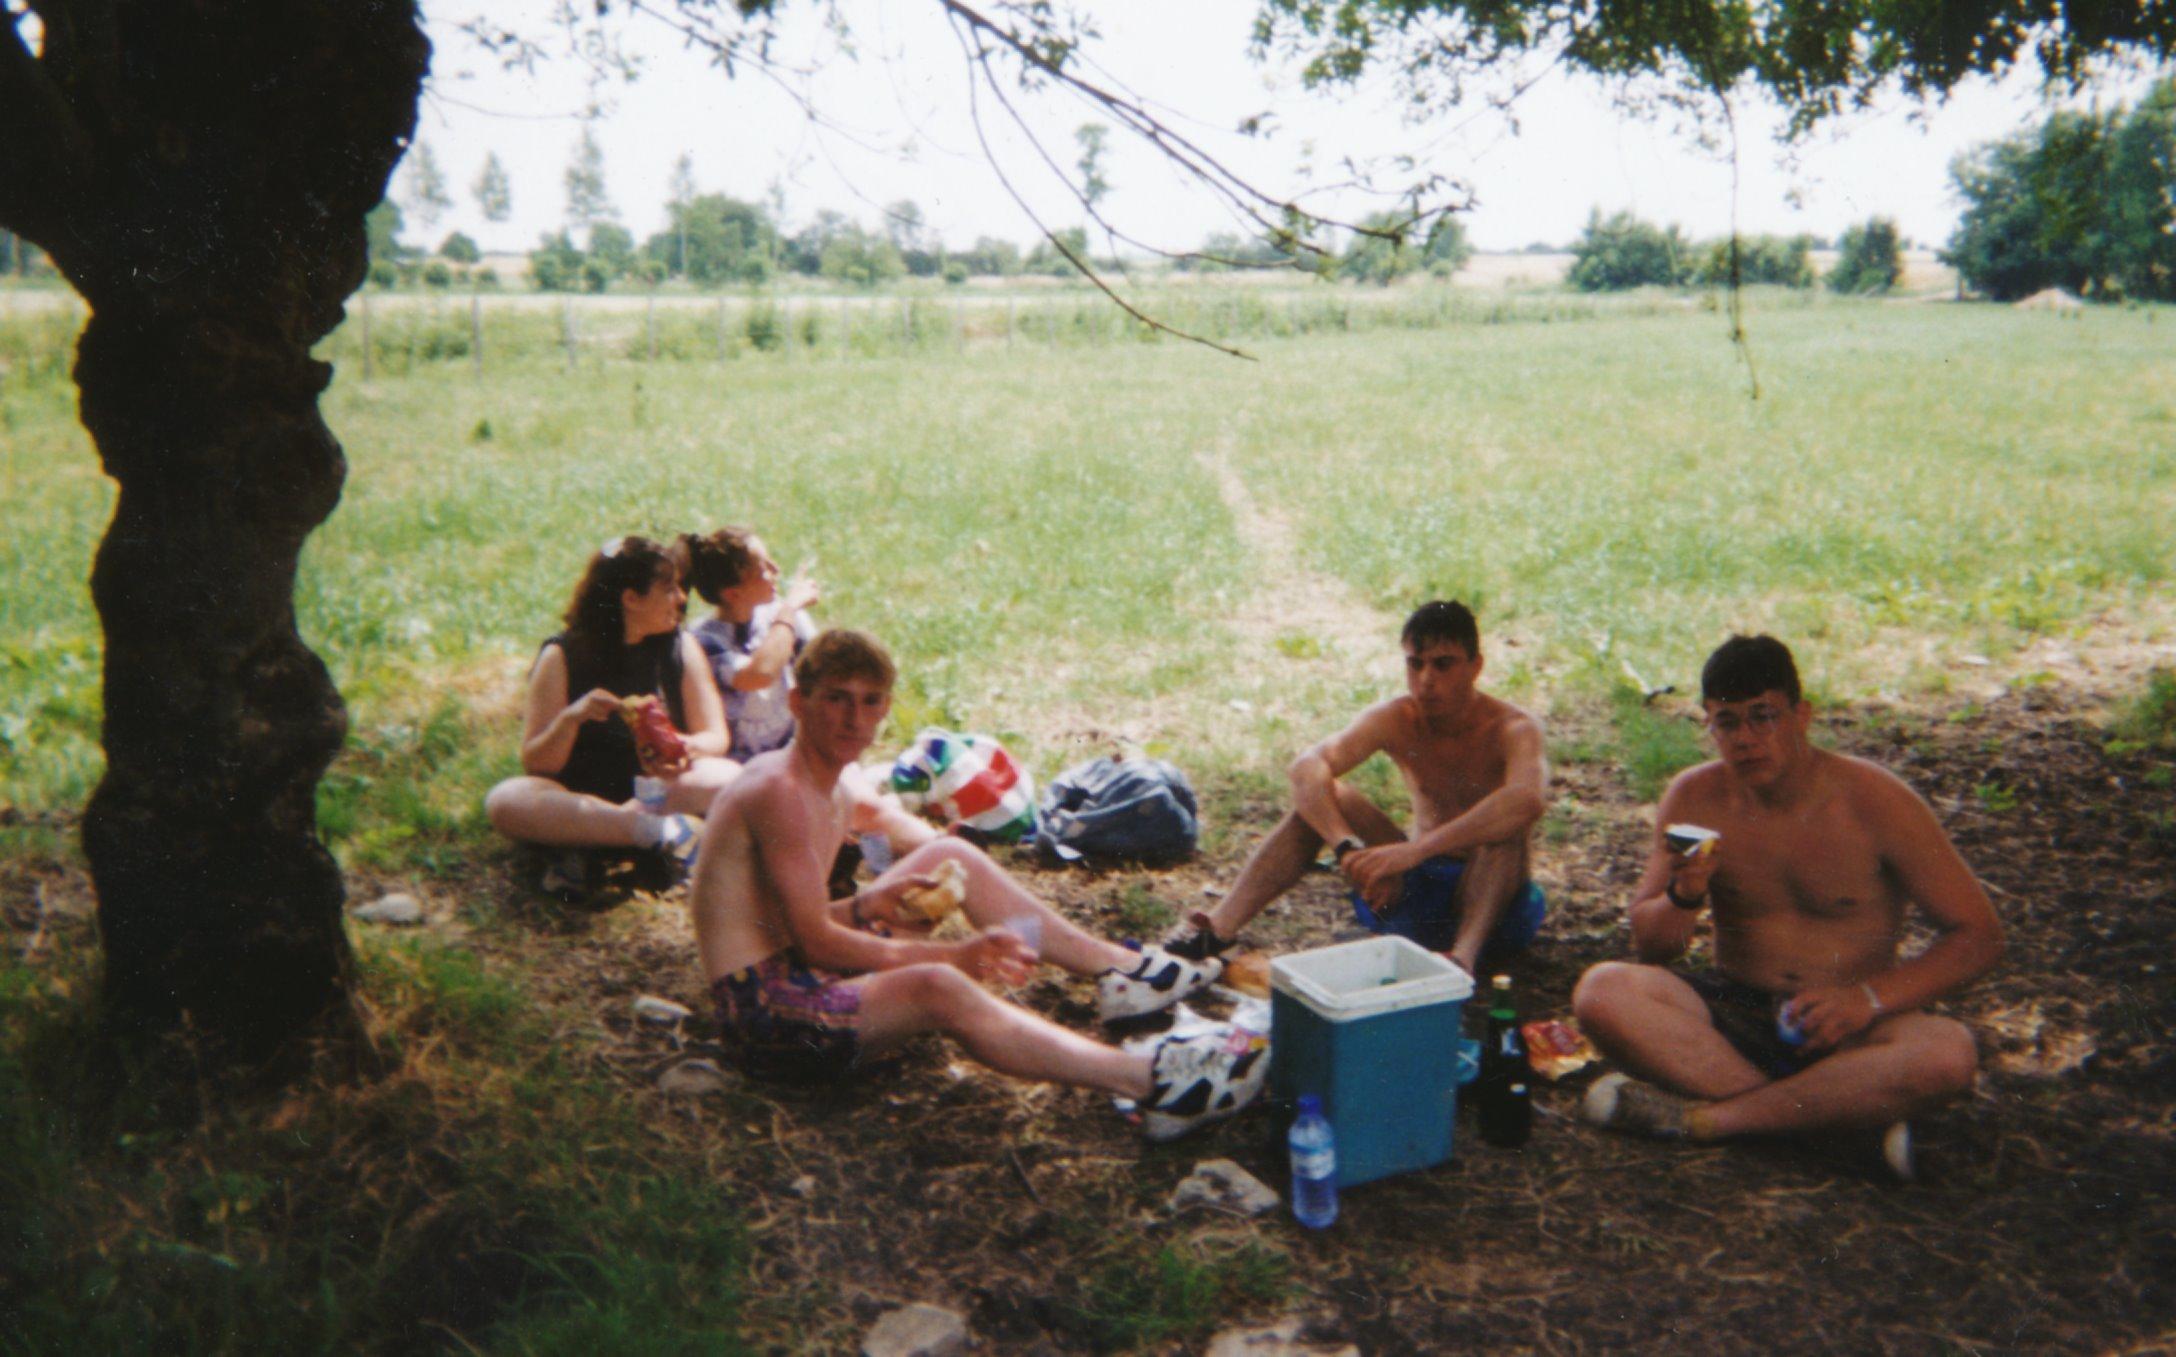 Archives anciens élèves mfr puy-sec 1992 (1)